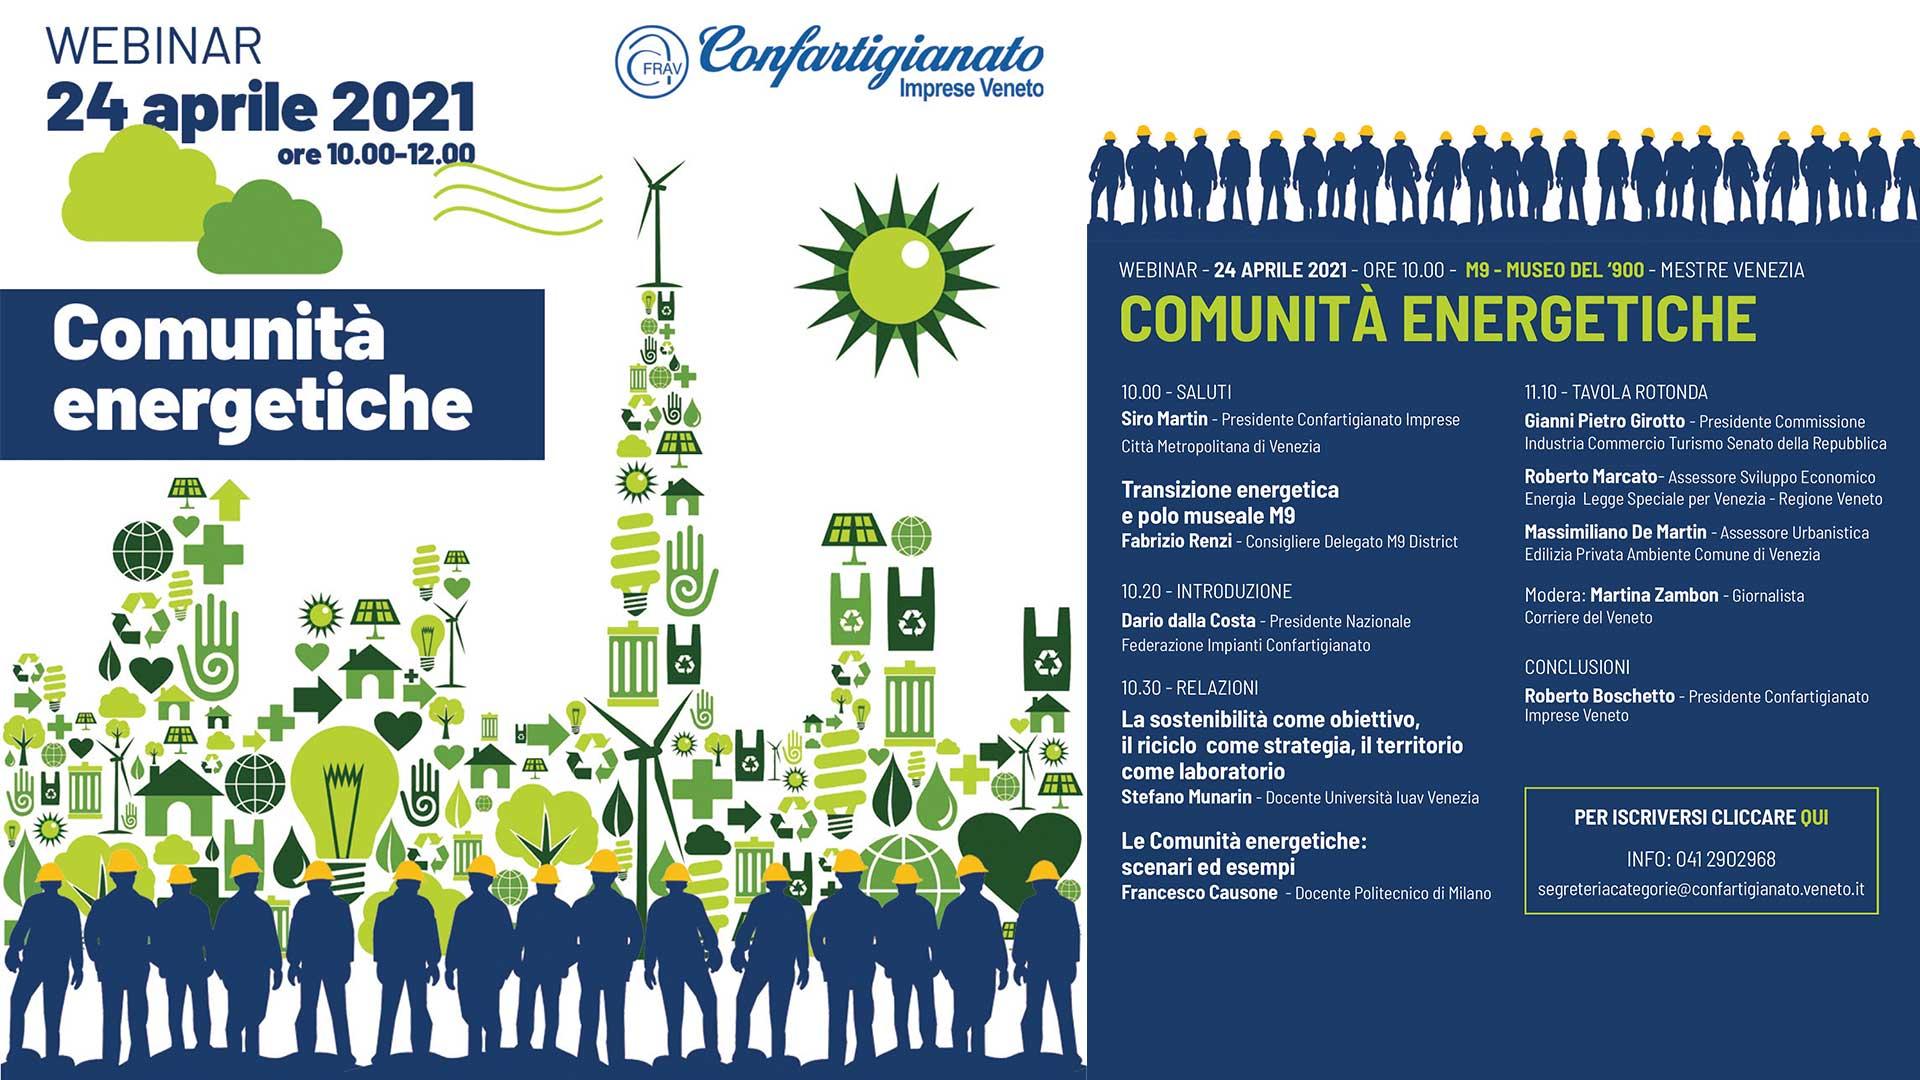 APPUNTAMENTO – Comunità energetiche: transizione verso modi di produzione e consumo più sostenibili. Webinar il 24 aprile, in diretta Facebook